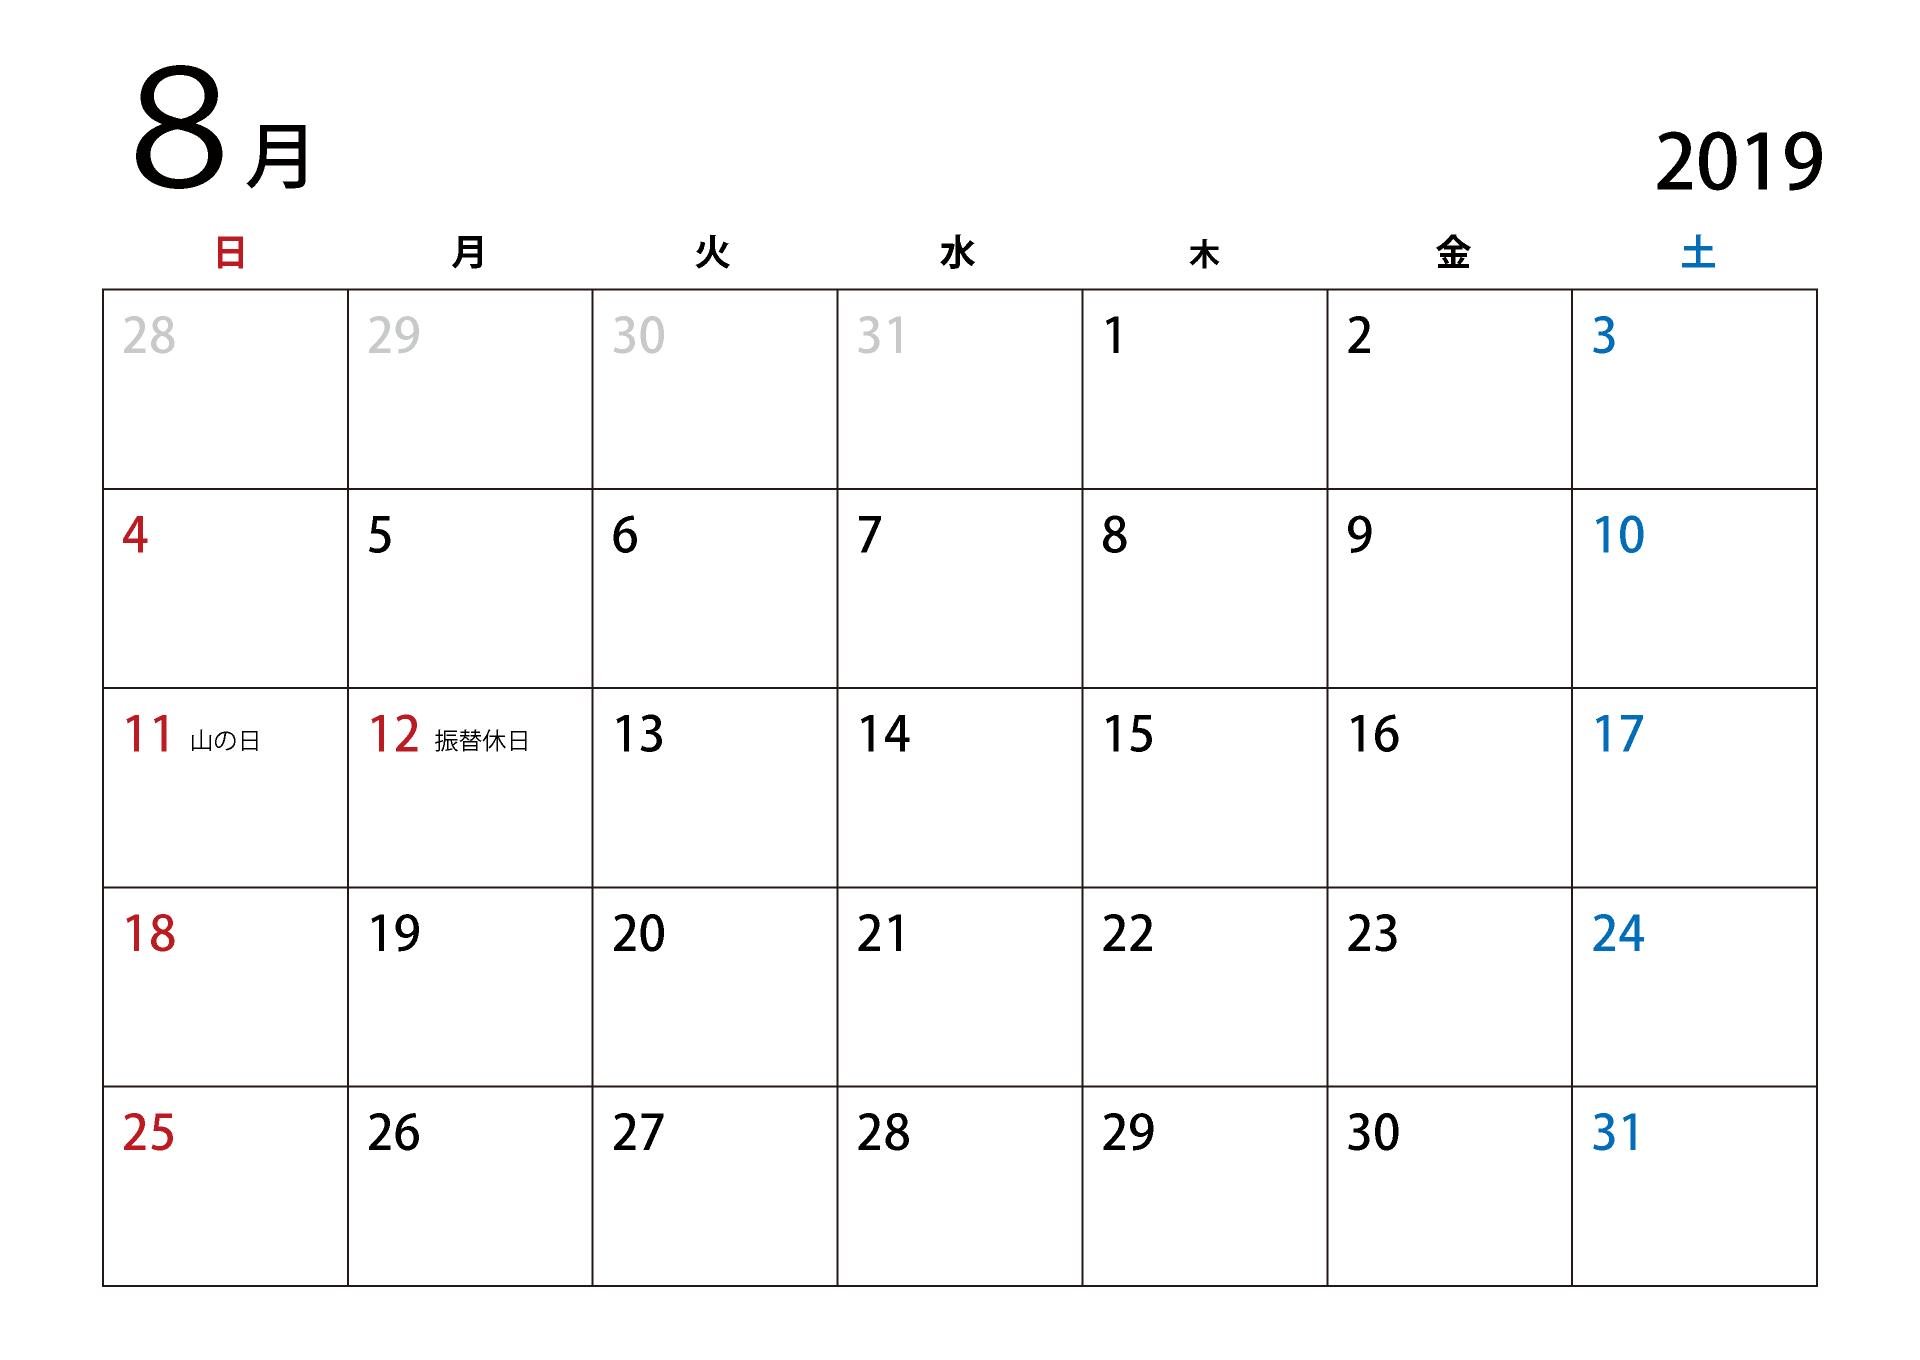 19年8月カレンダー 日本語 のフリーダウンロード画像 Ii 8月 カレンダー カレンダー 11月 カレンダー